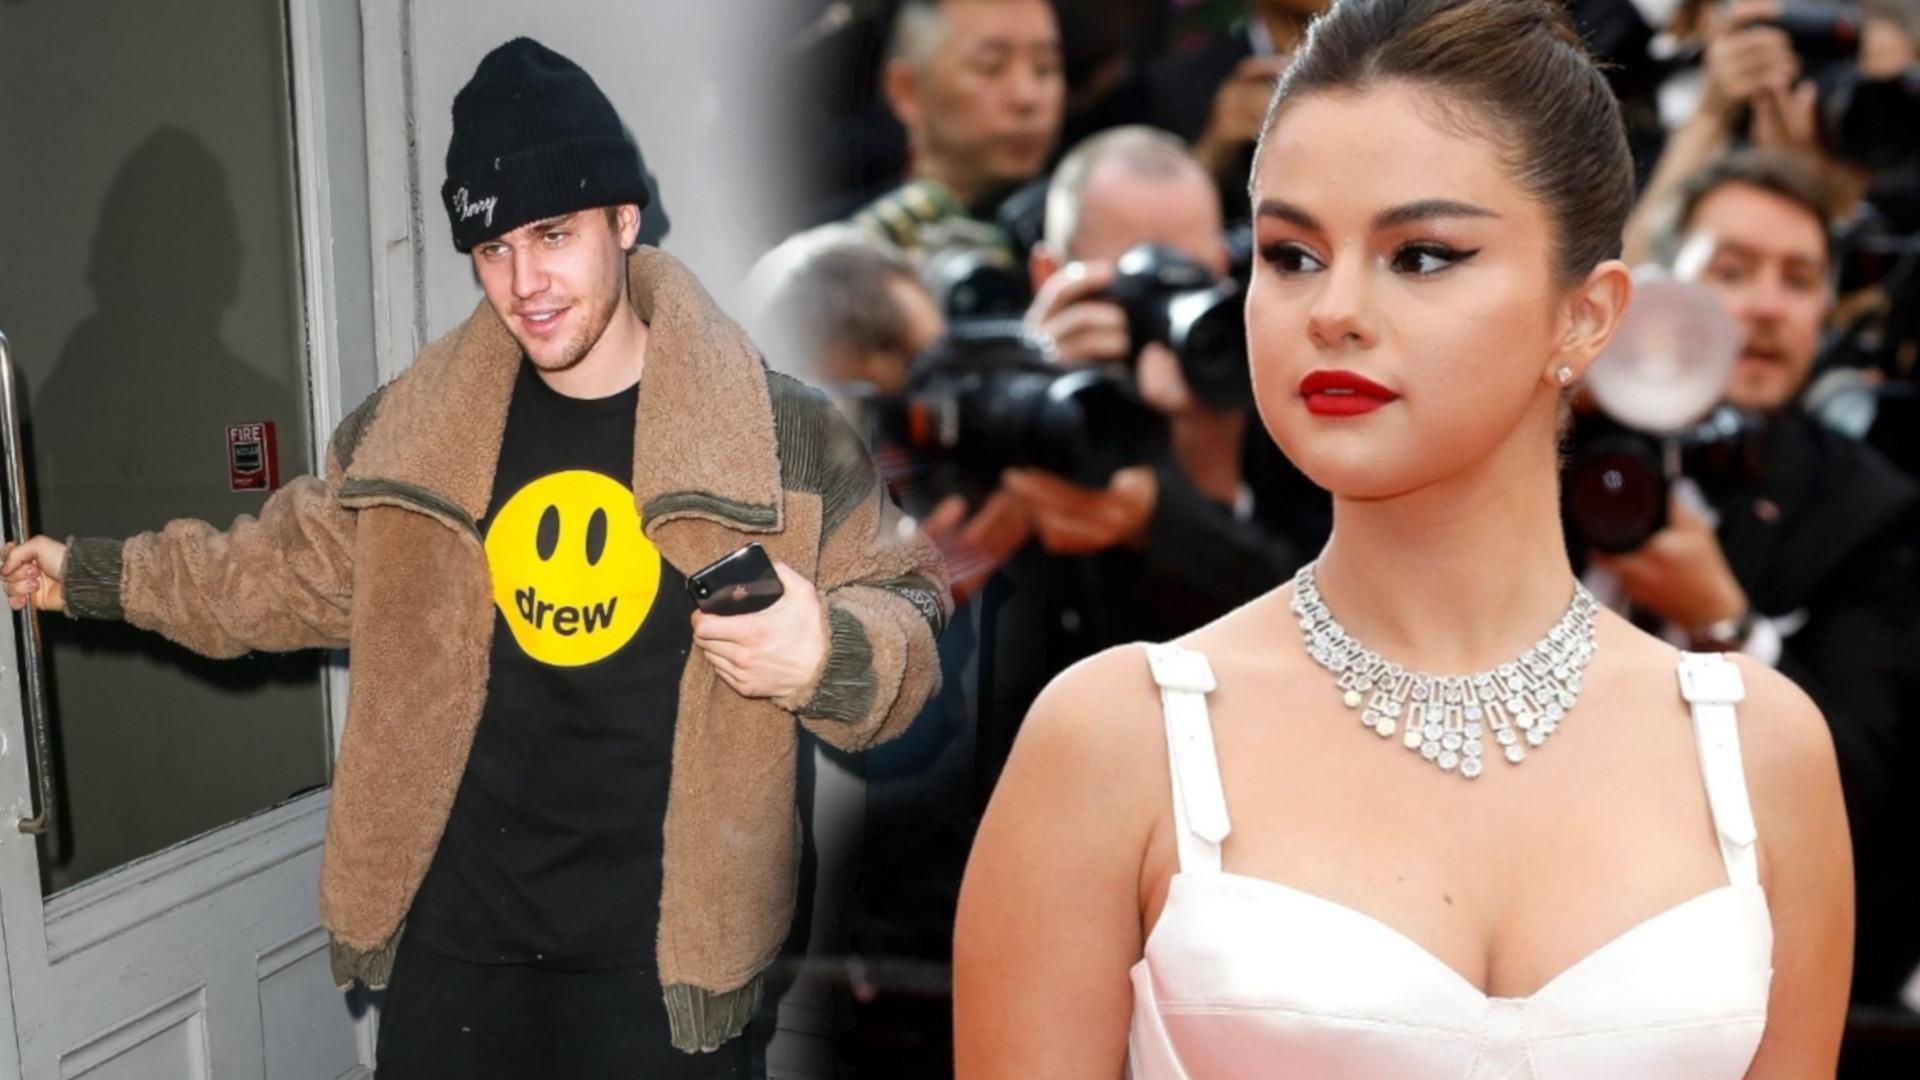 Selena Gomez ostatecznie pozbyła się Justina Biebera ze swojego życia – to, co zrobiła na Instagramie sprawiło, że fani oszaleli